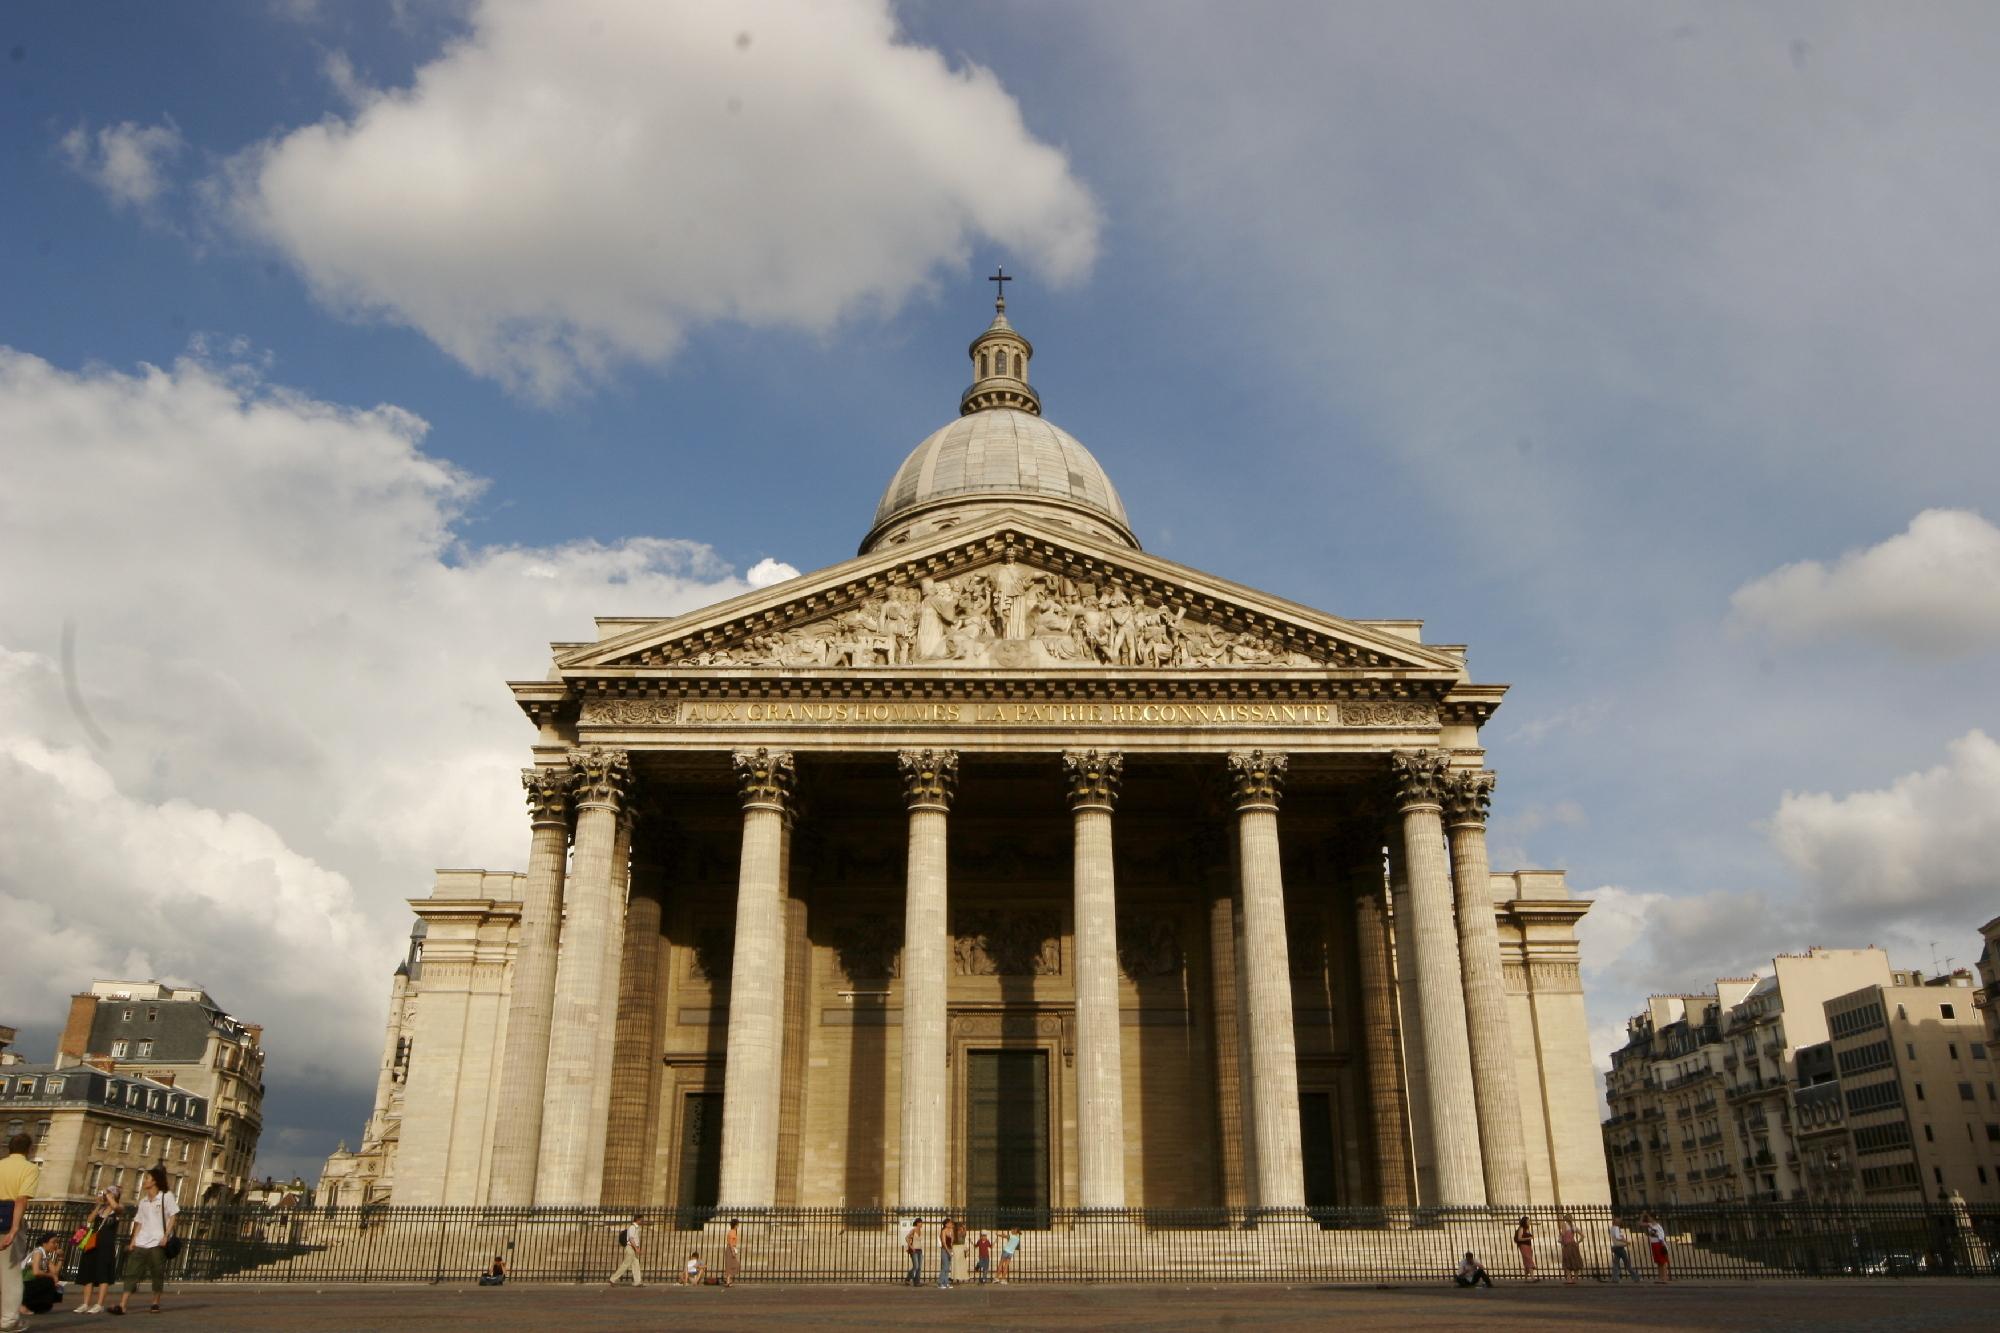 2. Recibe una lección de historia en Le Panthéon